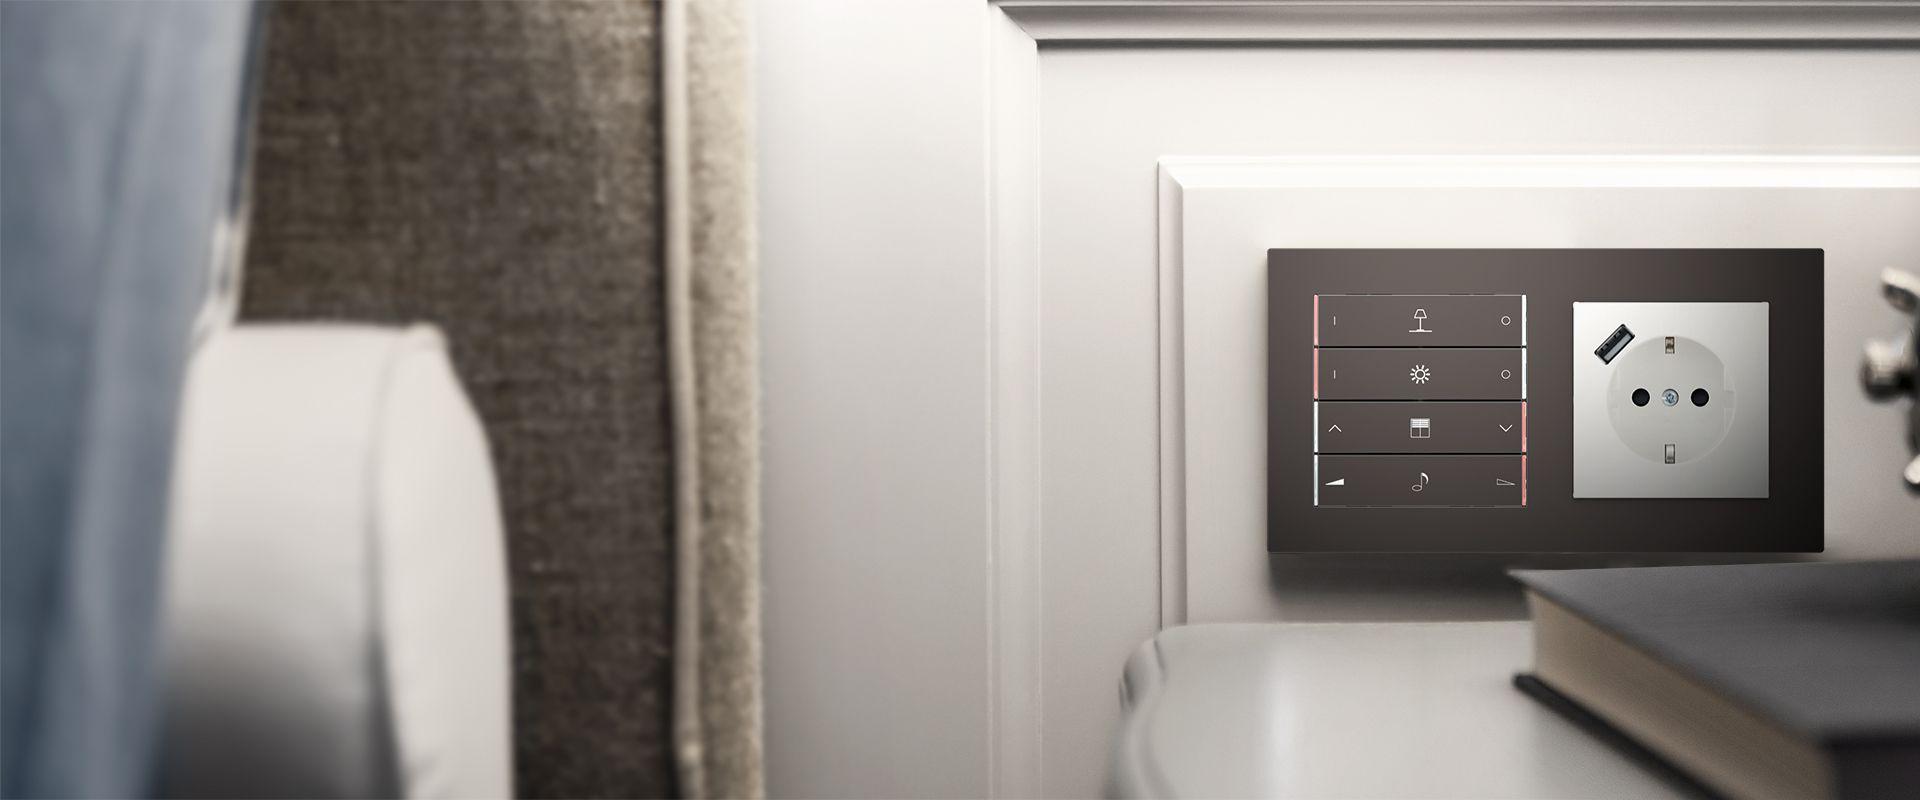 Estetica e design per il settore alberghiero